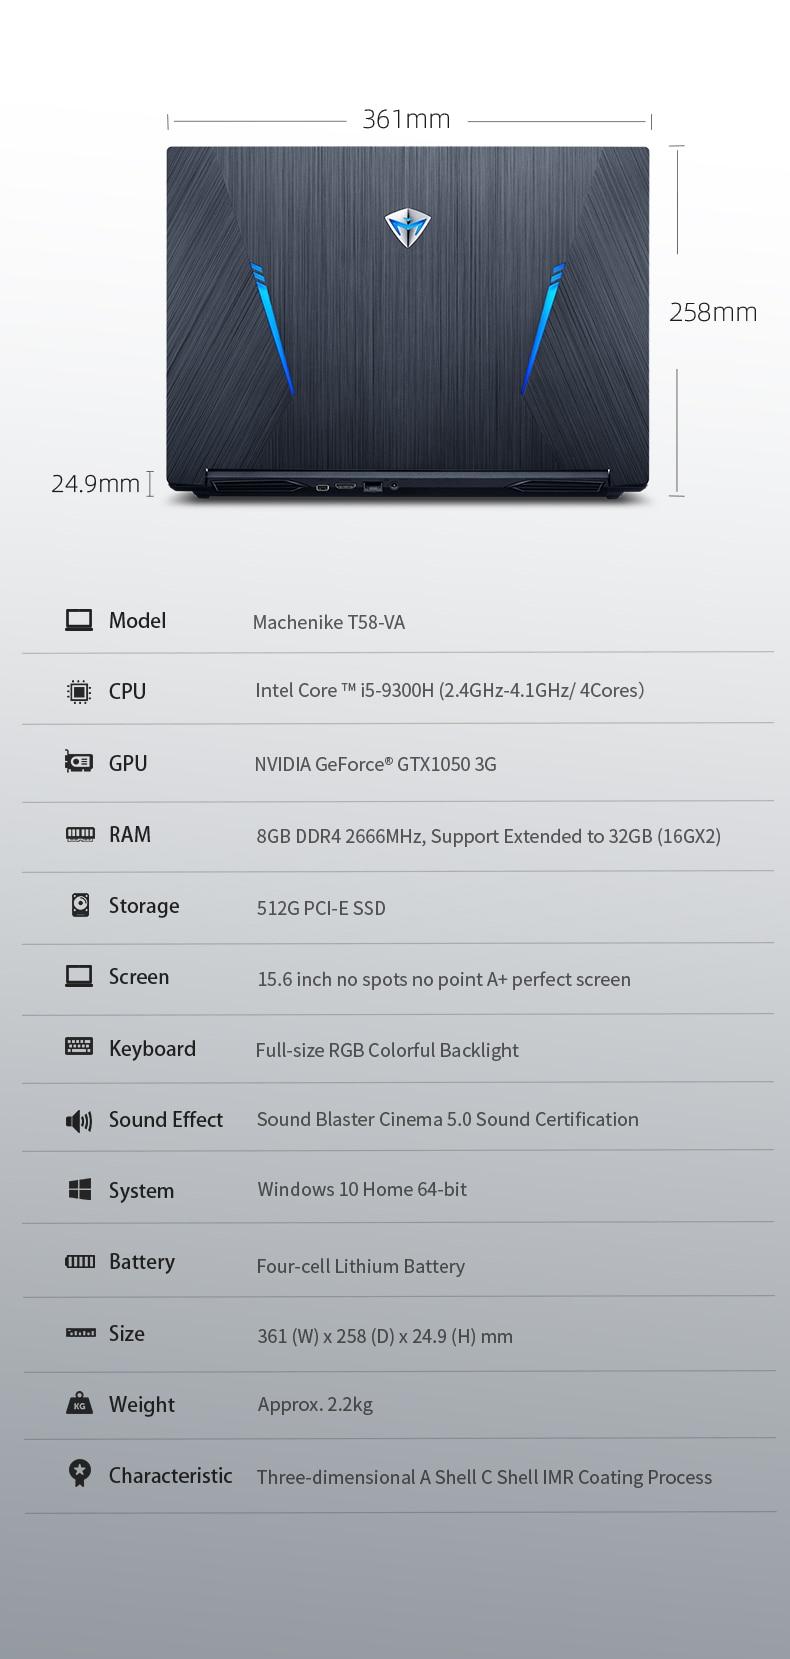 Игровой ноутбук Machenike T58-VA GTX1050(i5-9300H+ GTX 1050/8GB ram/512G SSD/15,6 '') игровой ноутбук